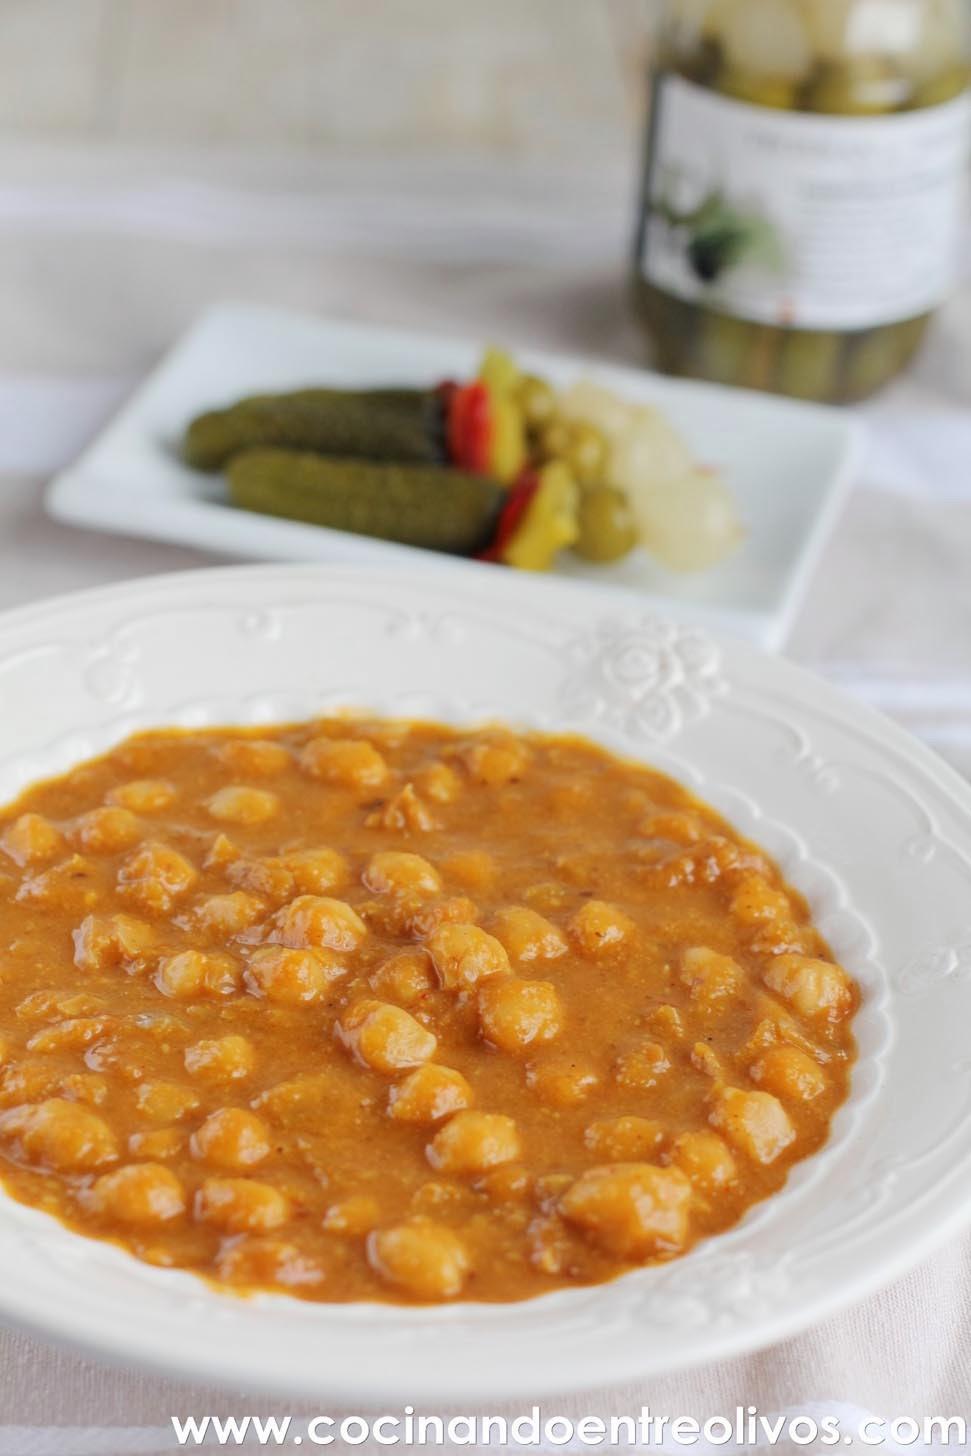 Cocinando entre olivos potaje de garbanzos y calabaza for Cocinando entre olivos